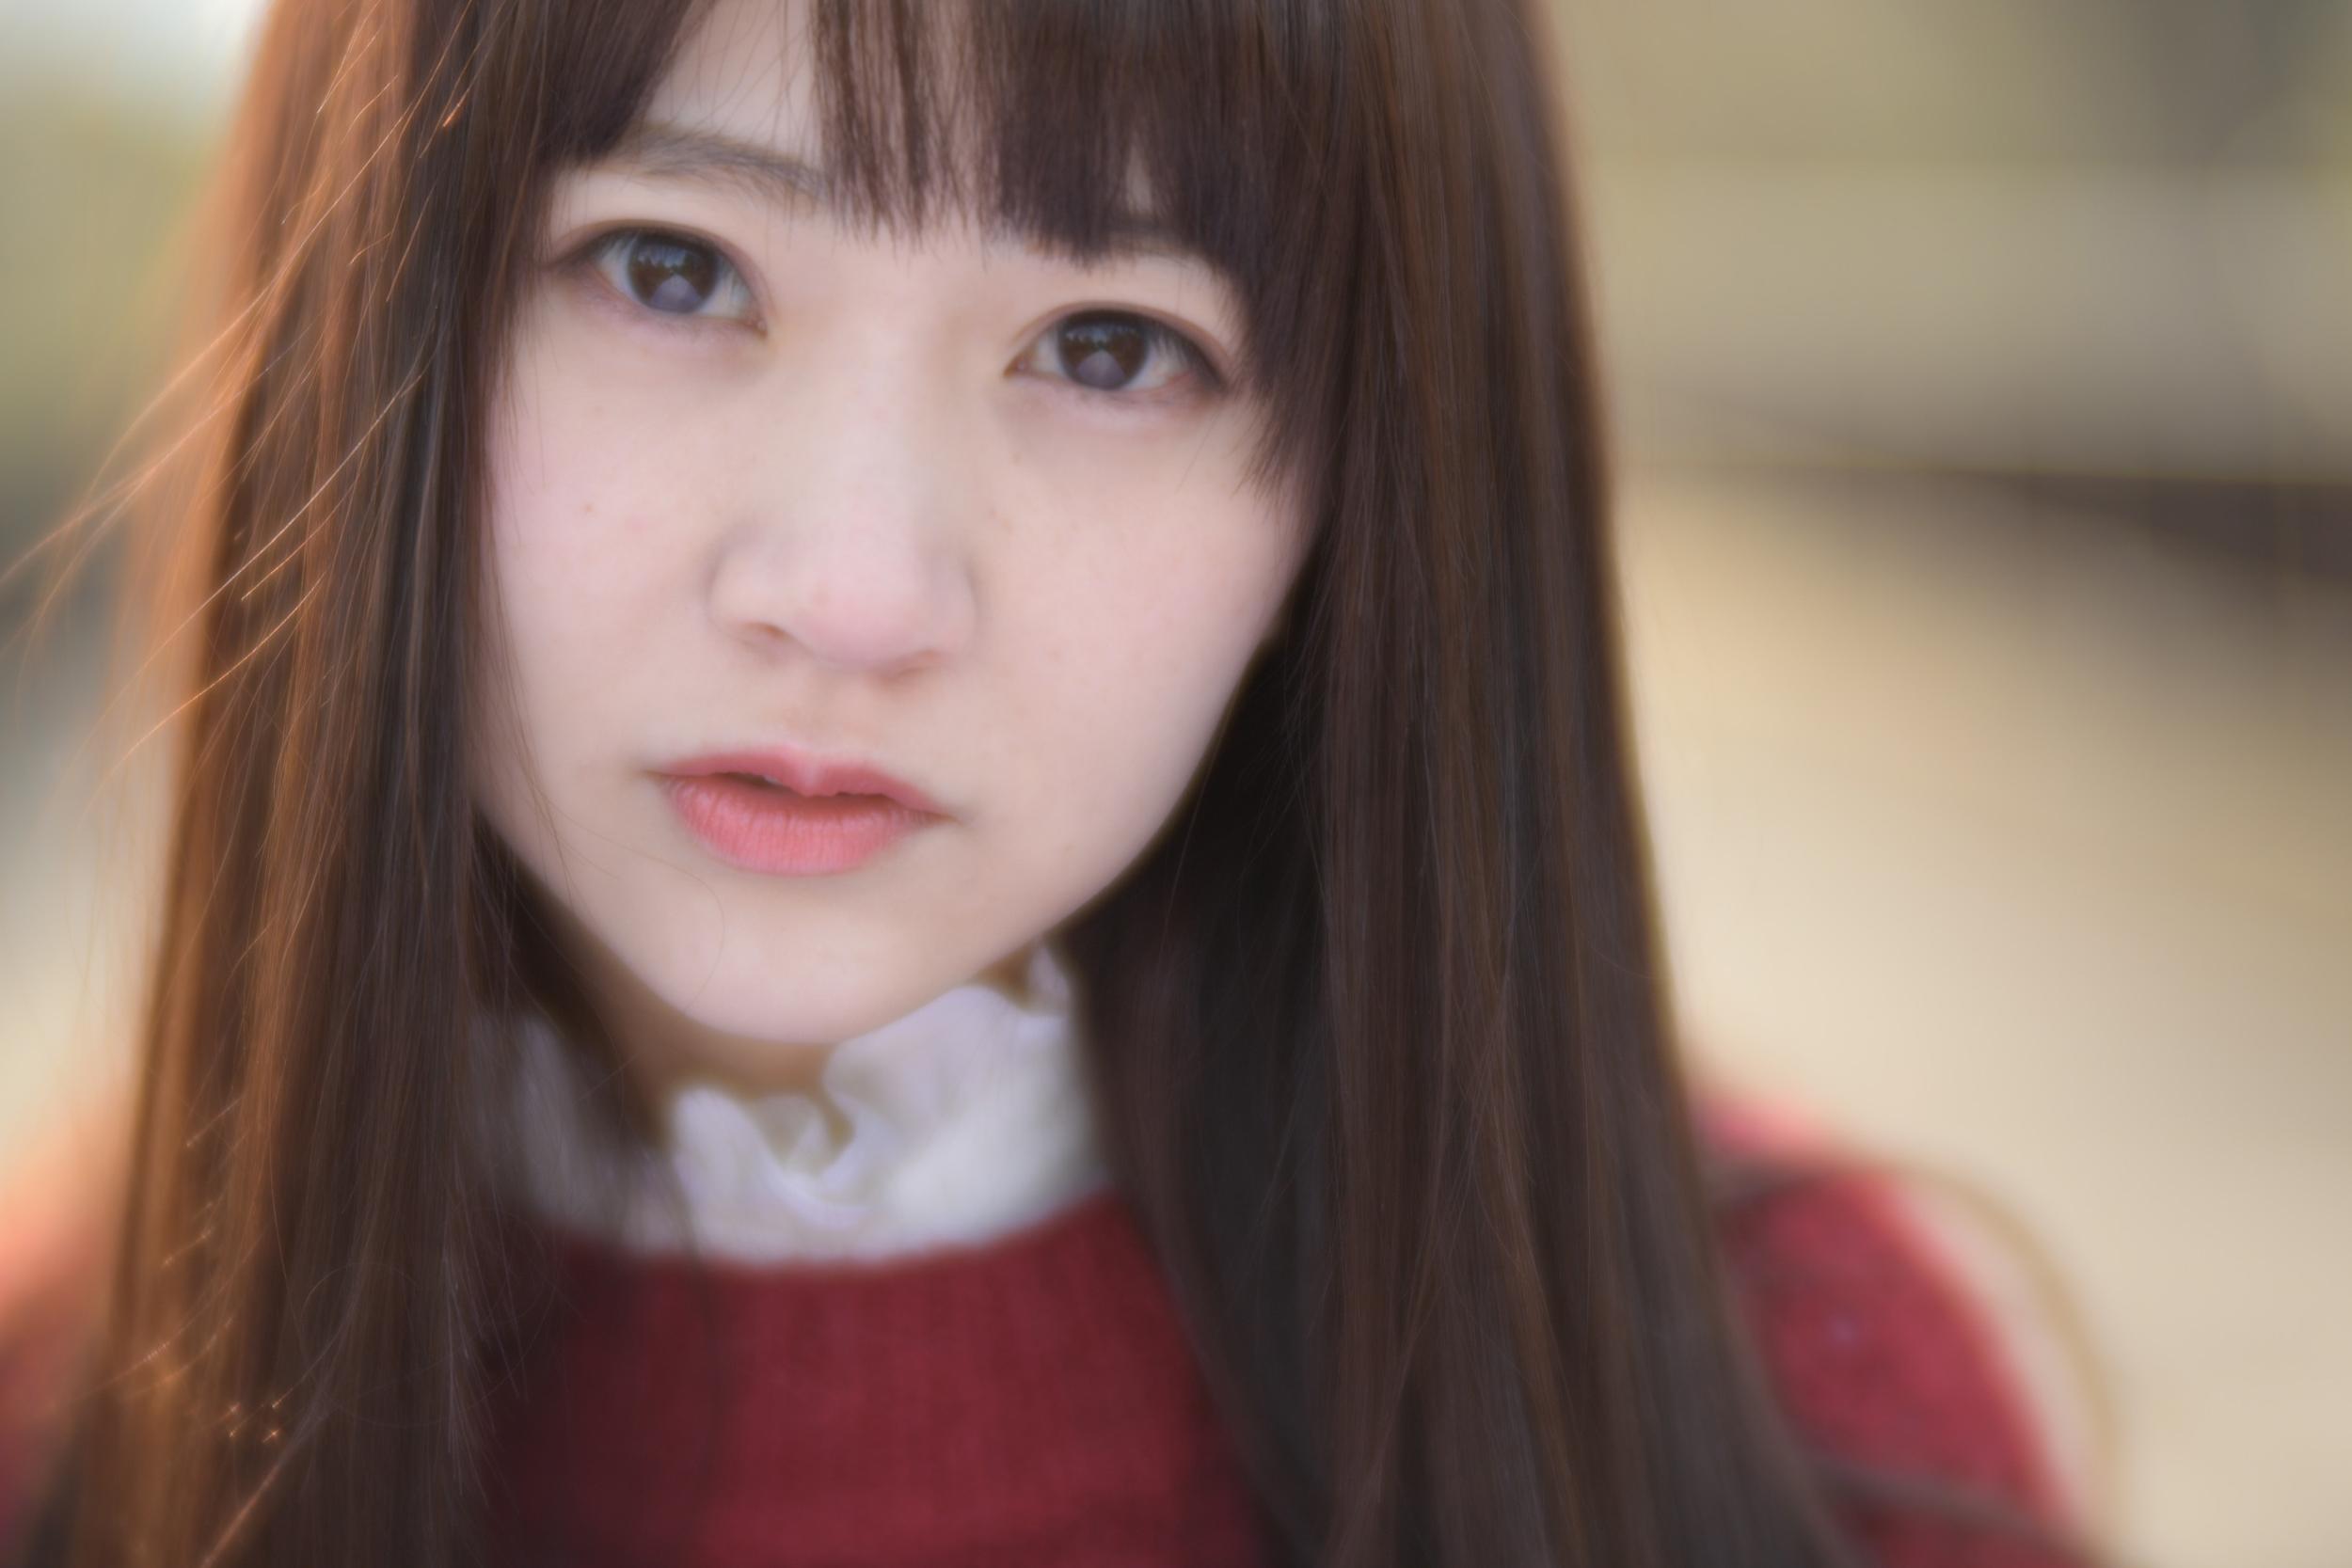 スイート ポートレート lensbaby velvet 85 浜田翔子 スペシャル